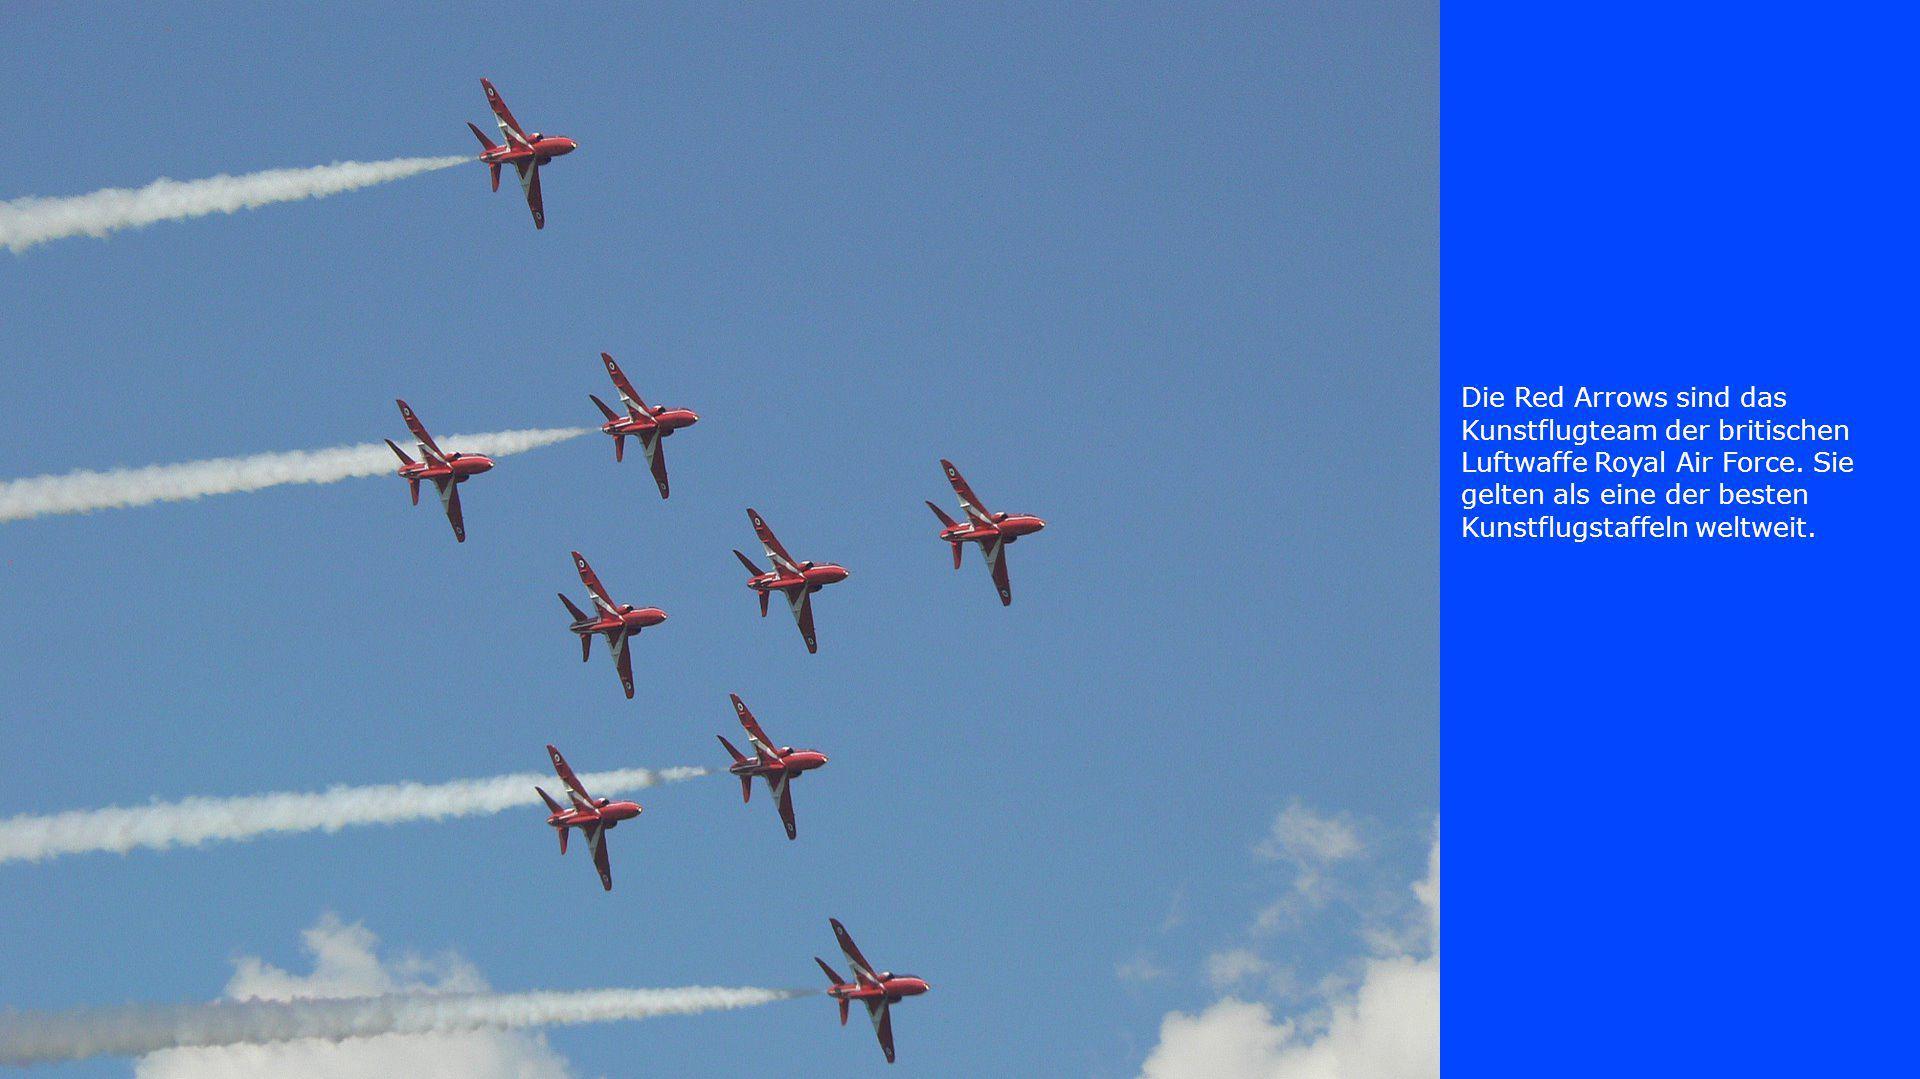 Die Red Arrows sind das Kunstflugteam der britischen Luftwaffe Royal Air Force. Sie gelten als eine der besten Kunstflugstaffeln weltweit.